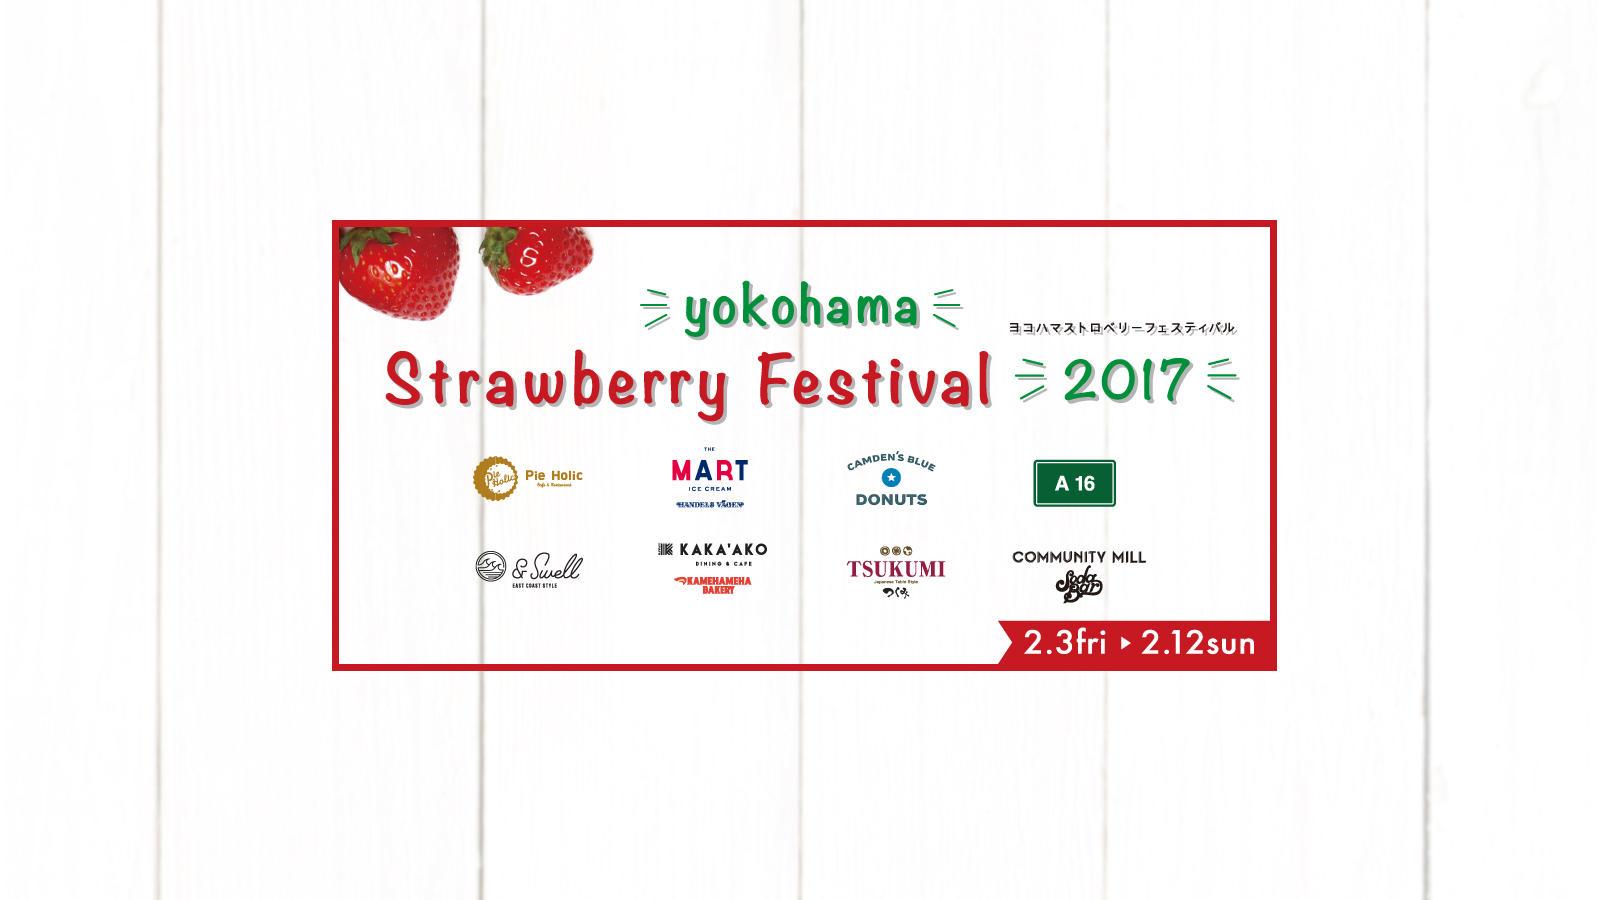 ヨコハマ ストロベリーフェスティバル2017